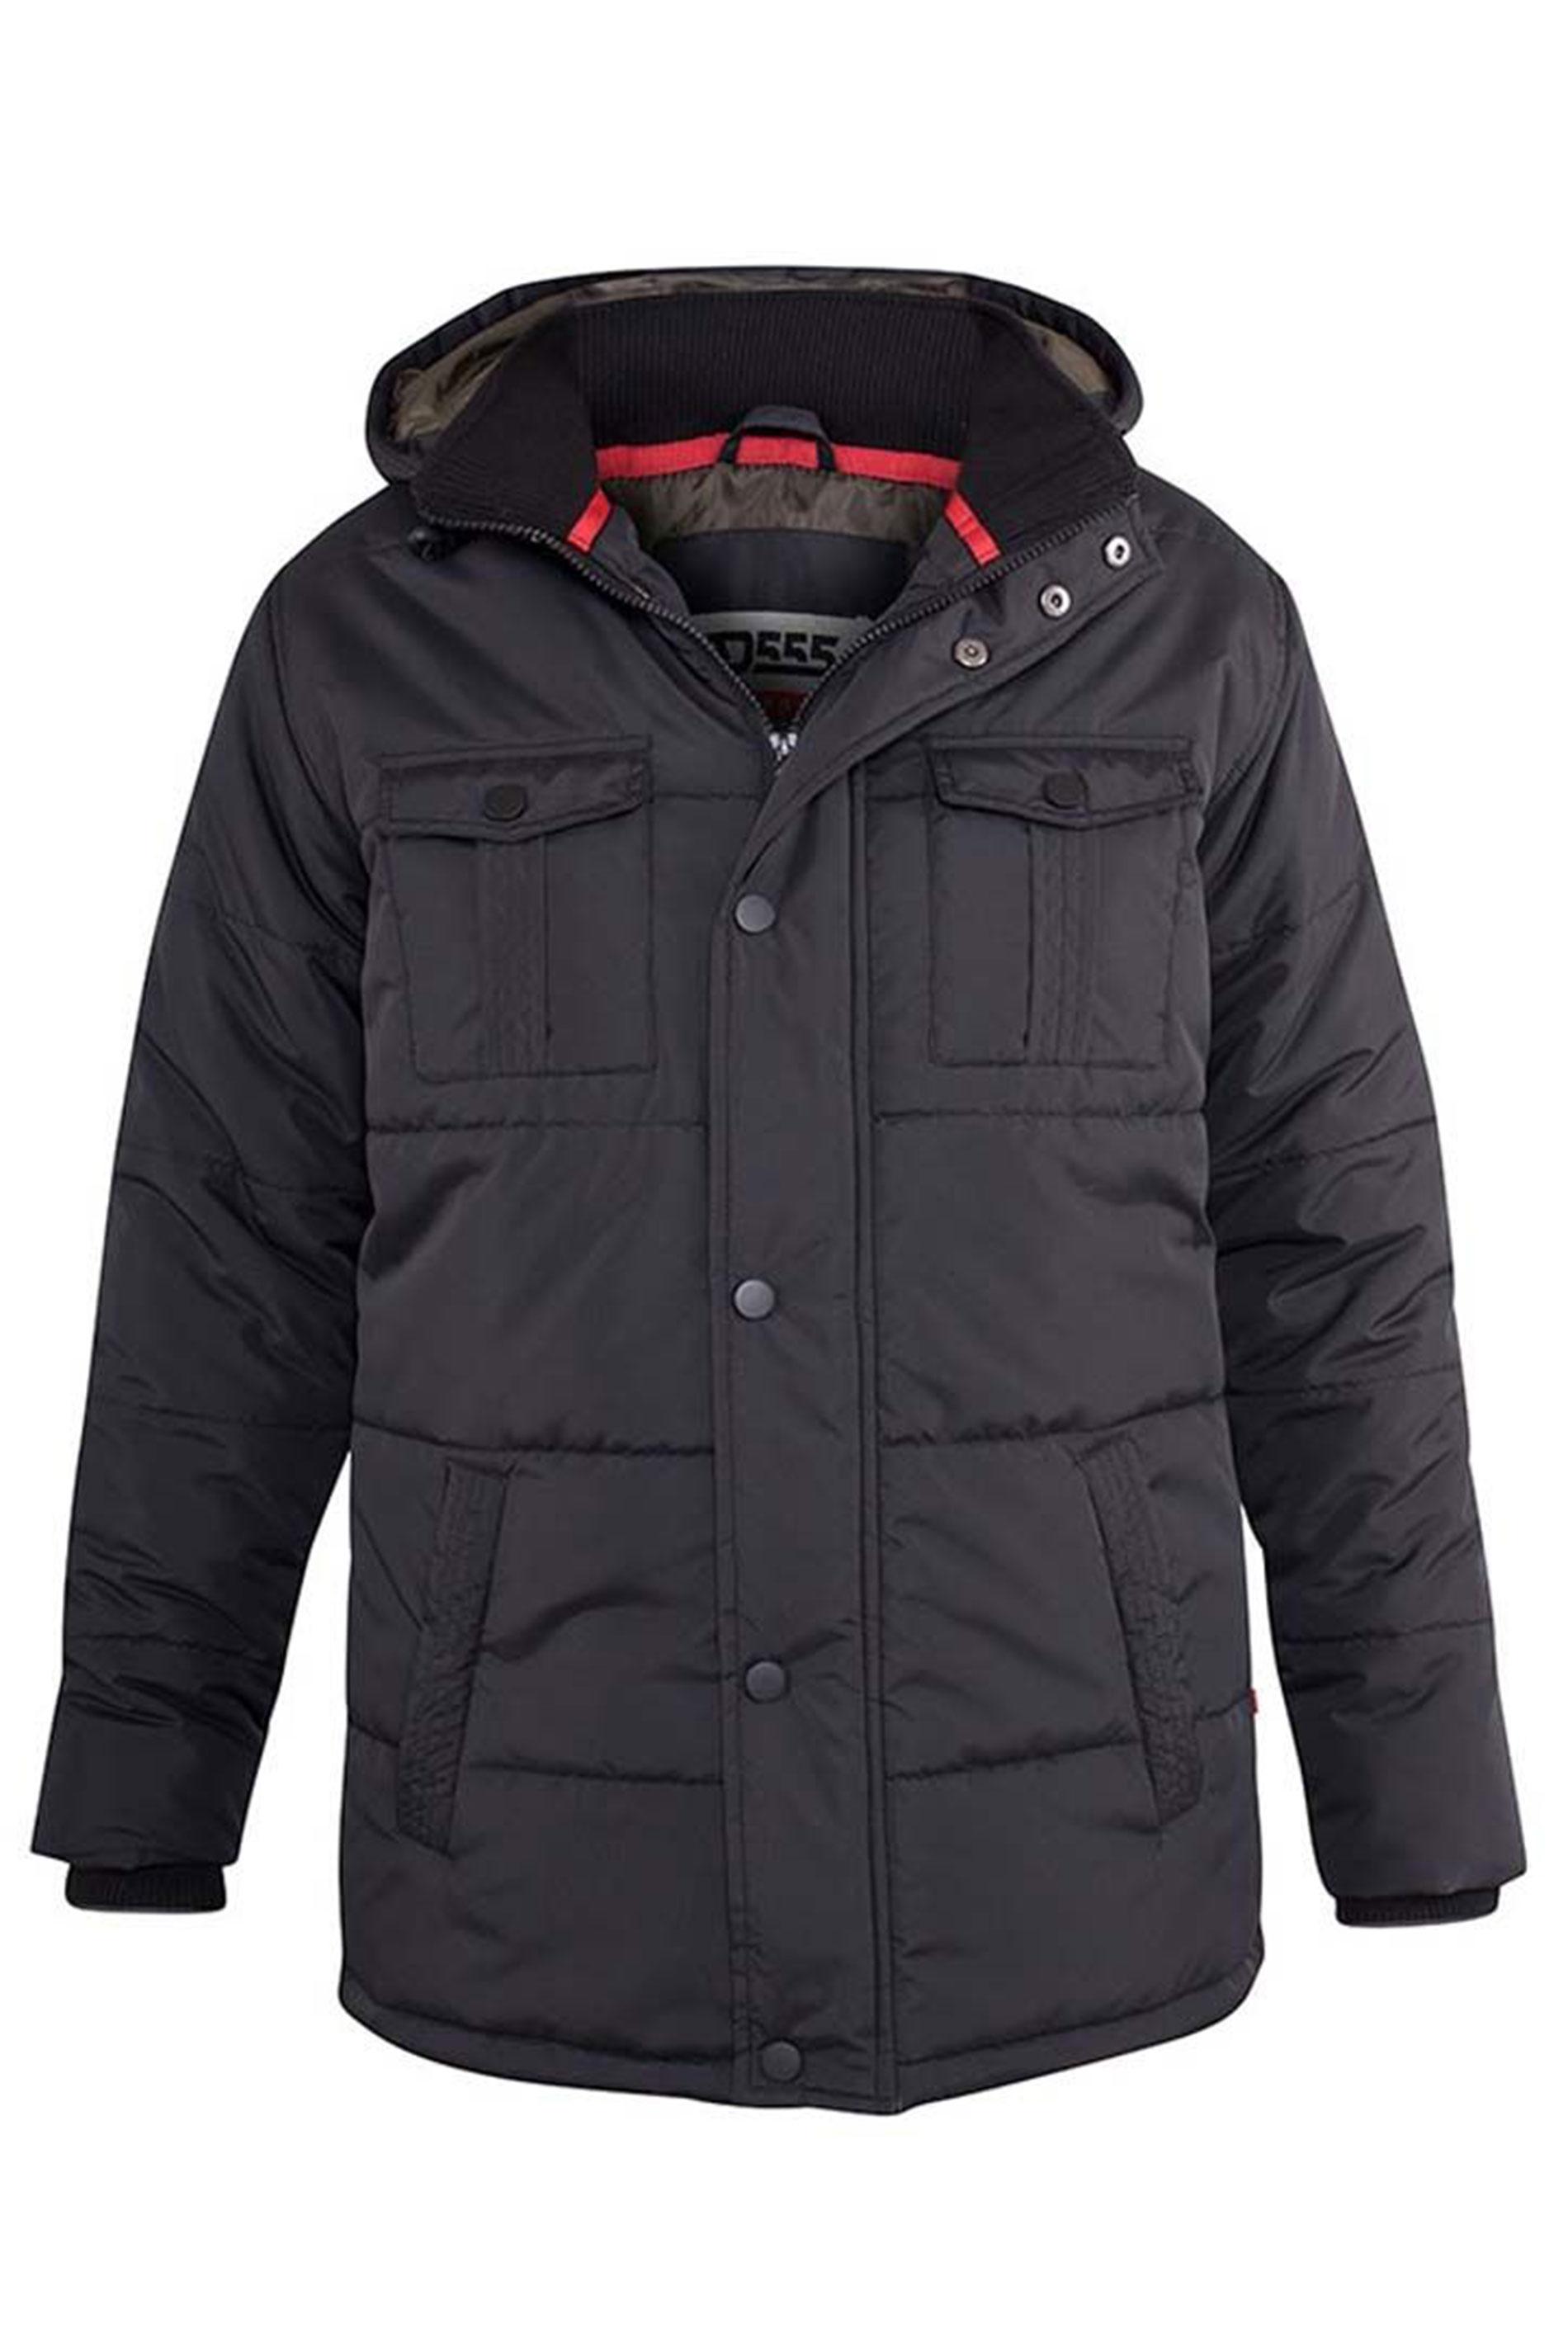 D555 Black Lonsdale Parka Jacket